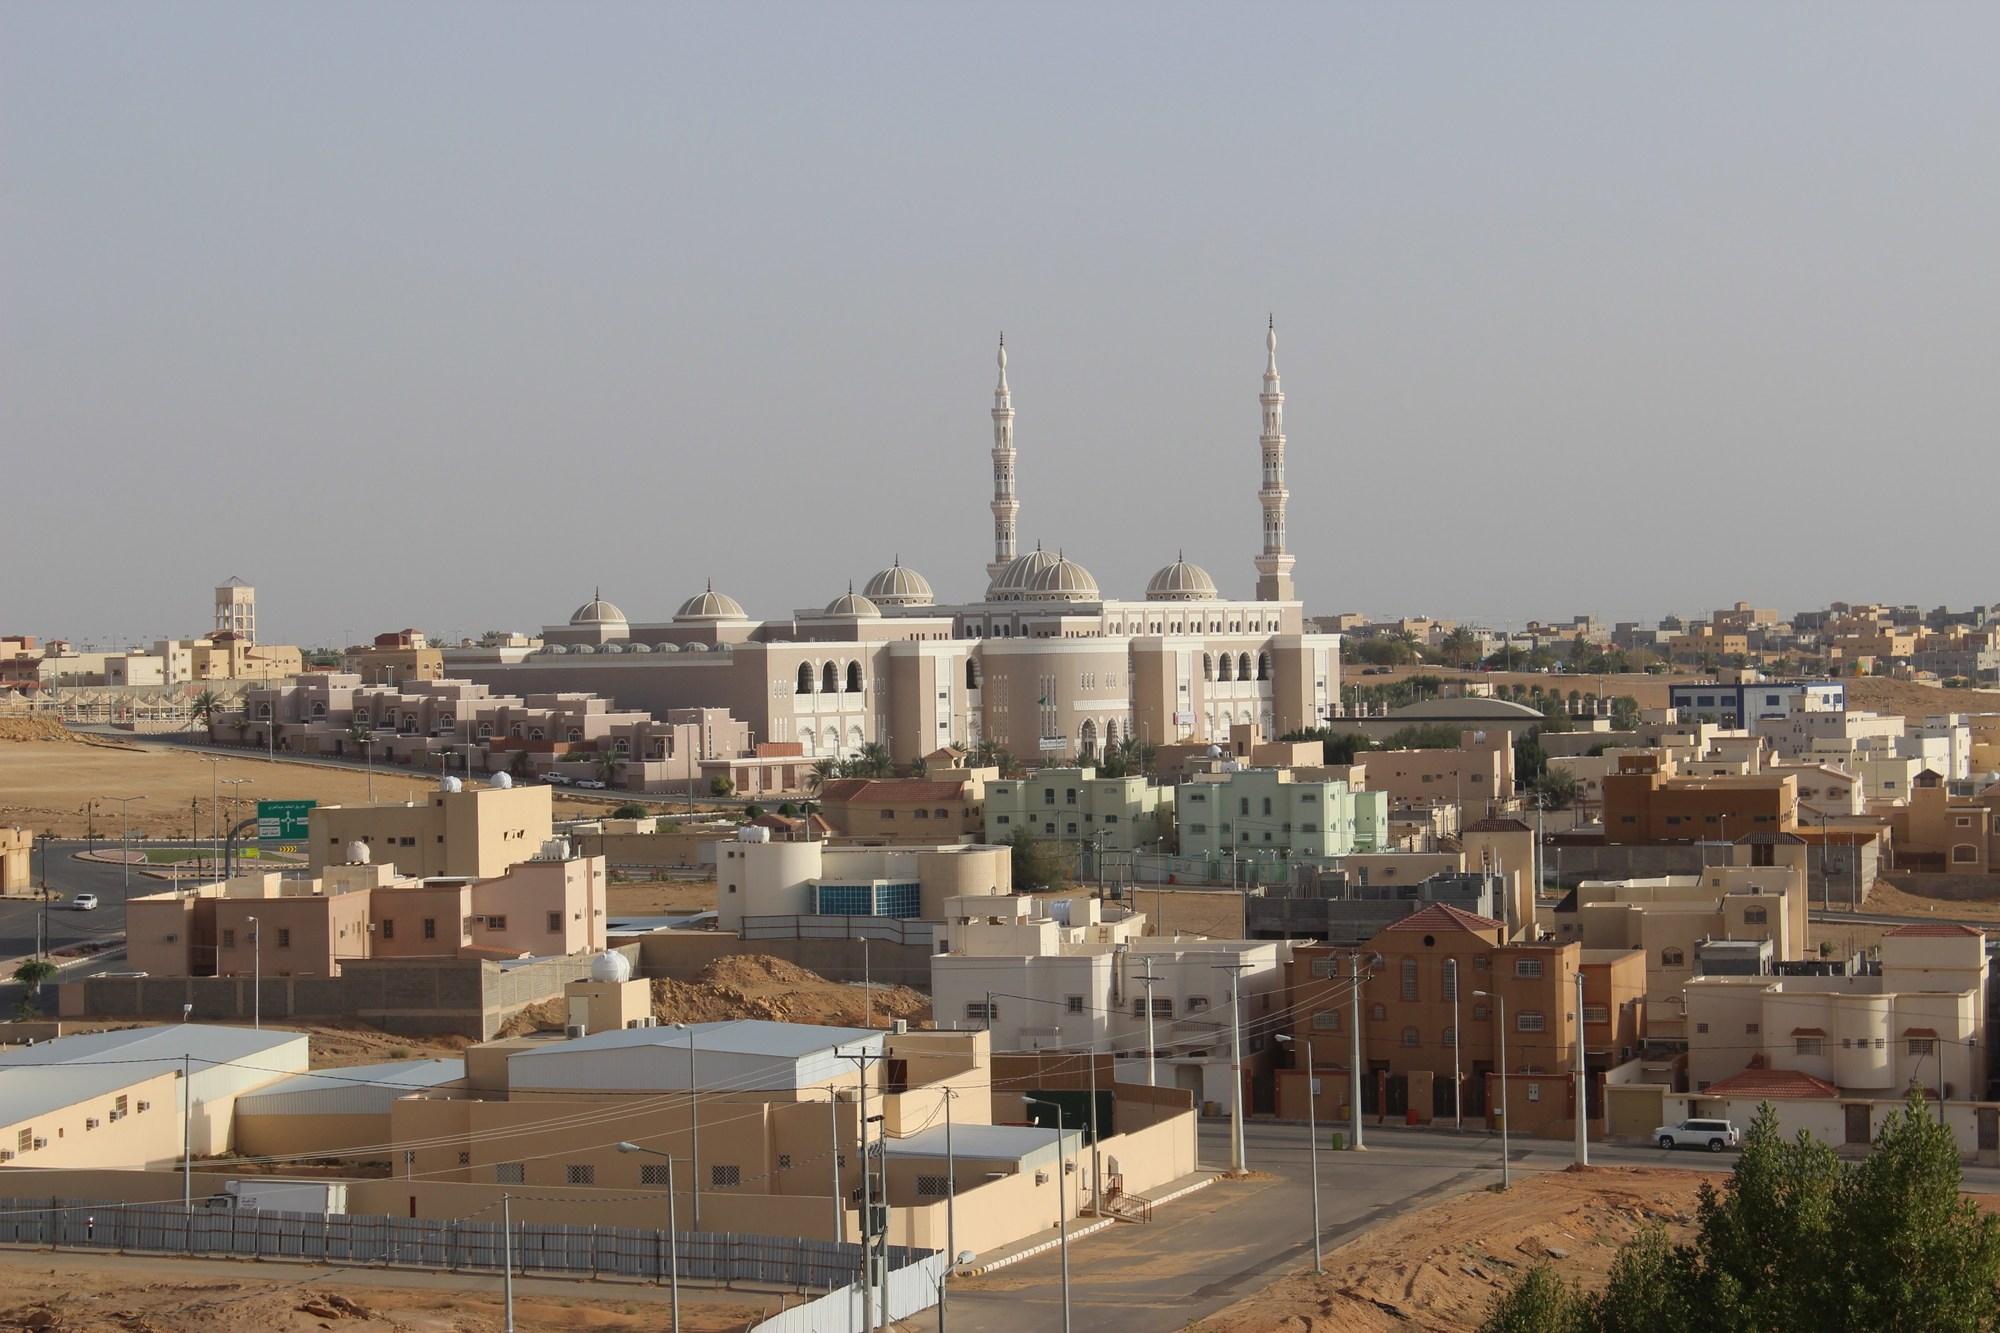 منطقة القصيم في السعودية اقرأ السوق المفتوح